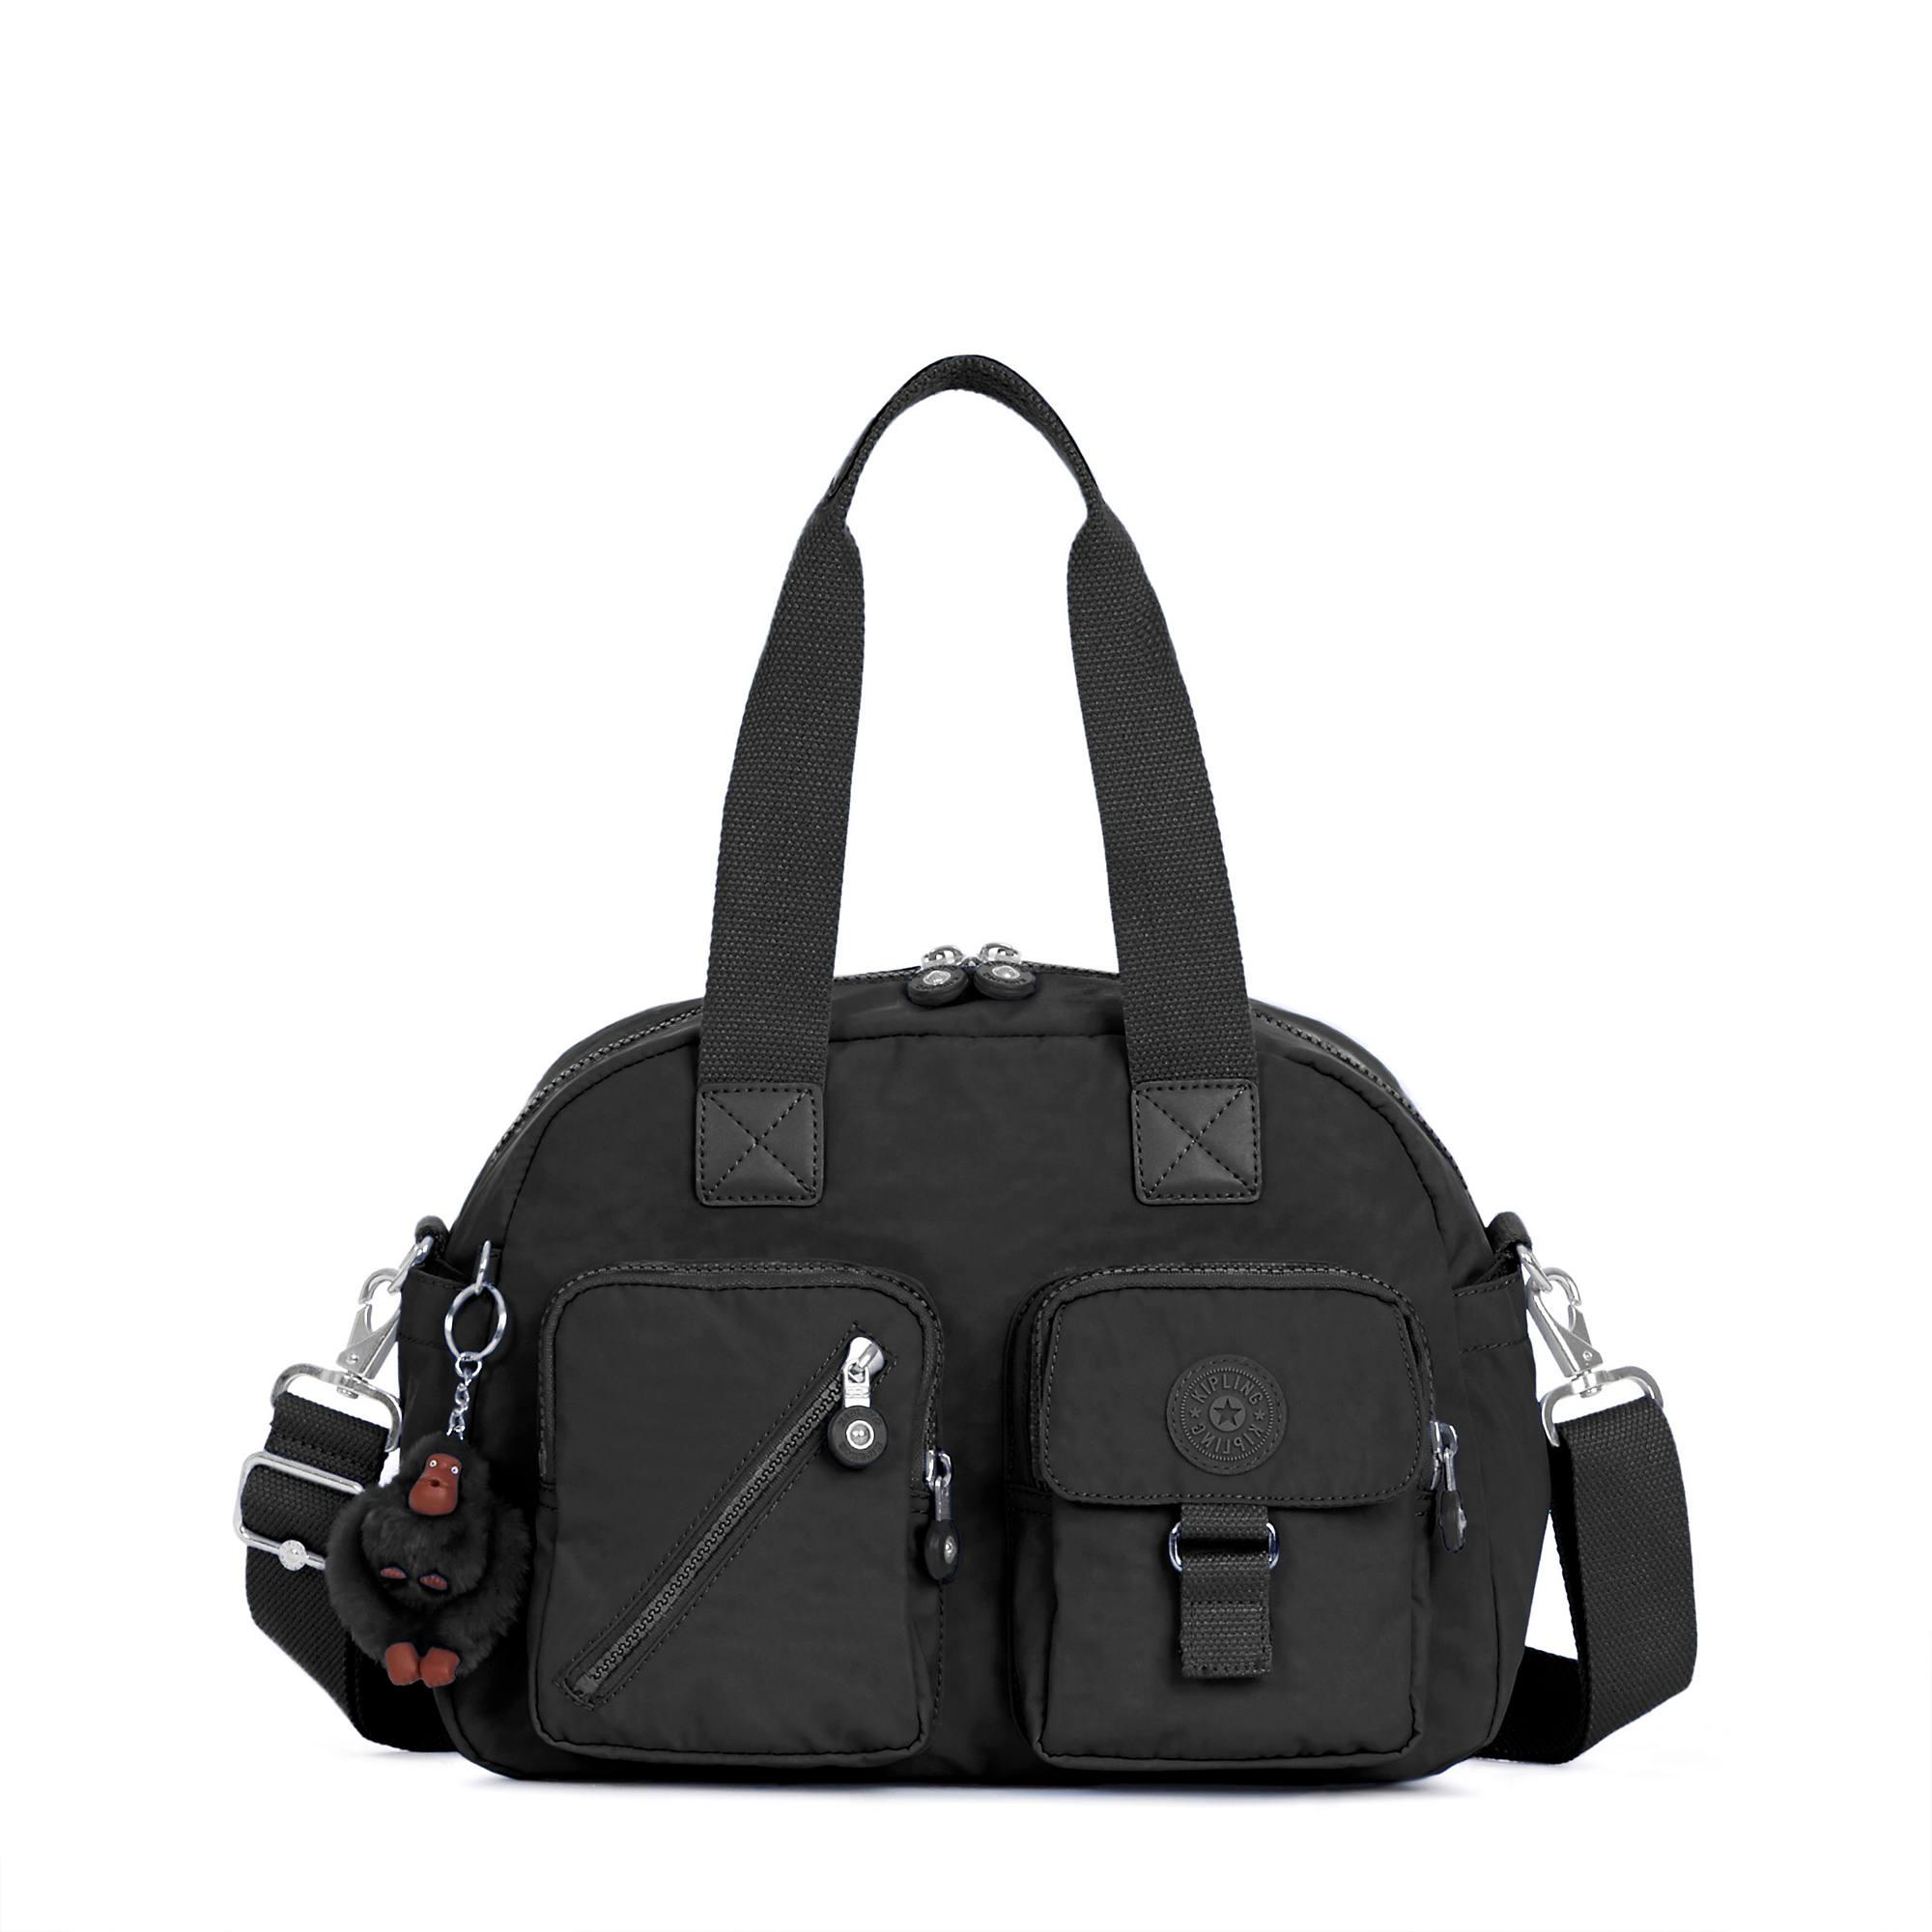 702a578355 Defea Handbag,True Black,large